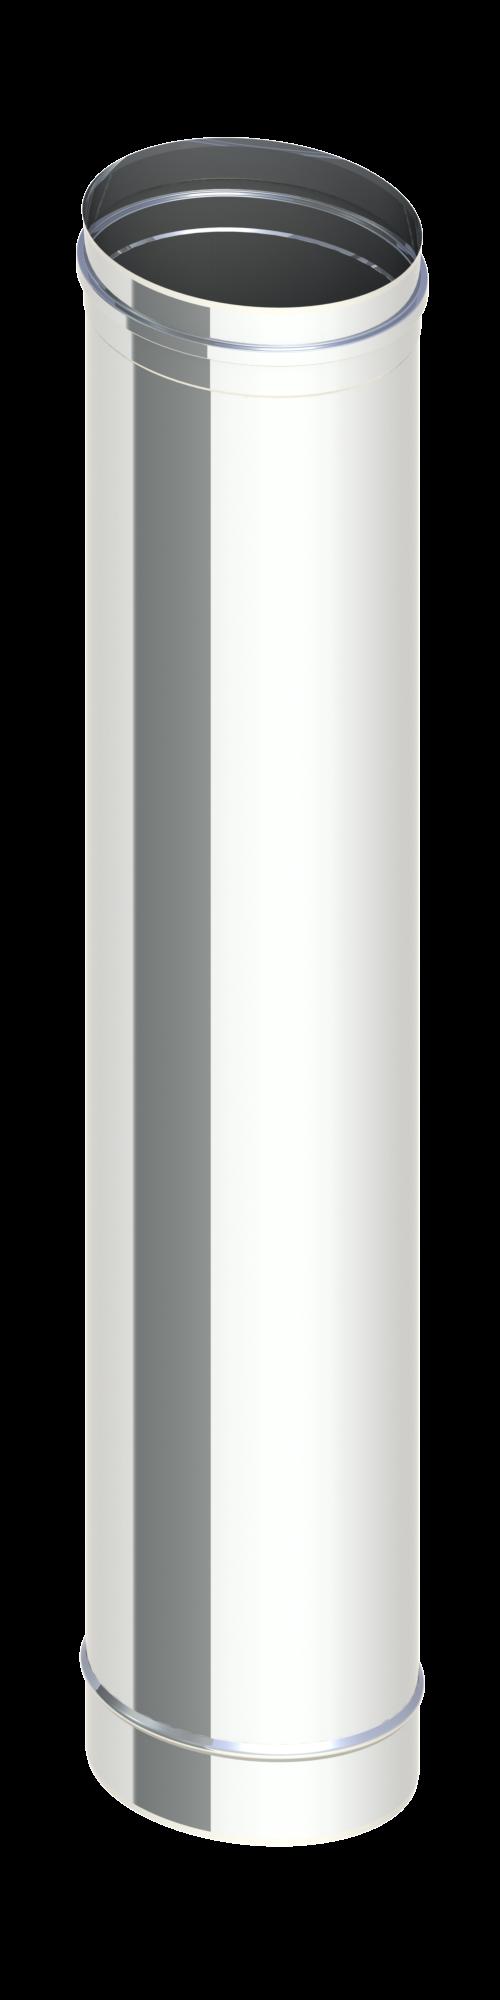 Kachelbuis ovaal 1 Mtr h =94 cm